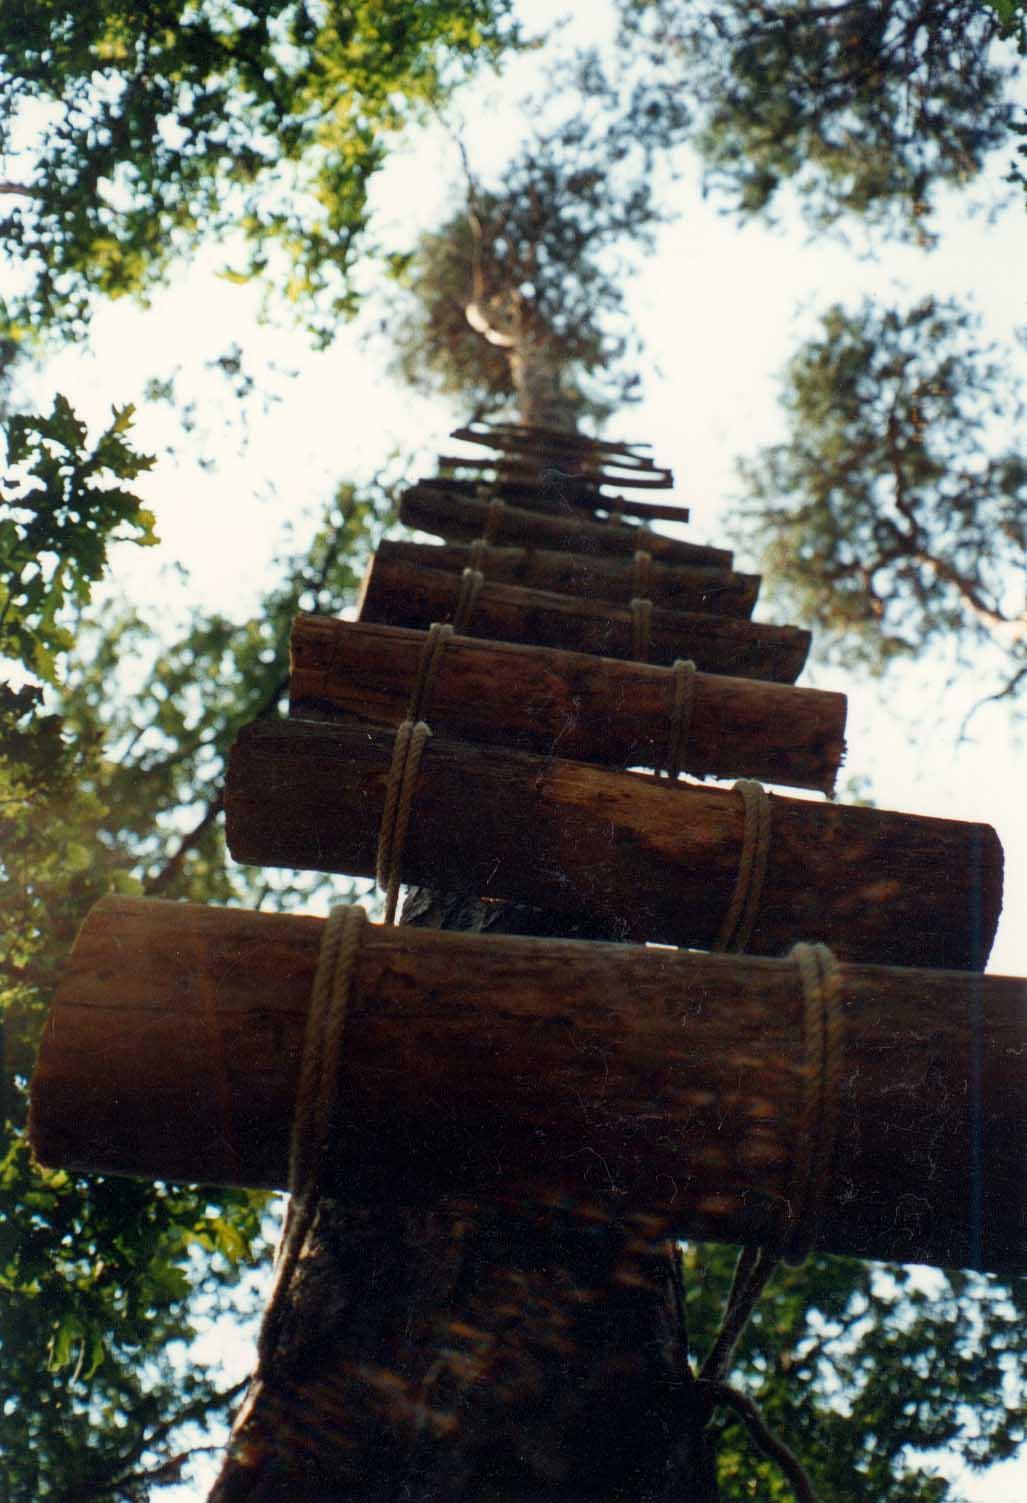 Анна Сидоренко. Лендарт симпозіум Gars am Kamp (Австрія), 1997